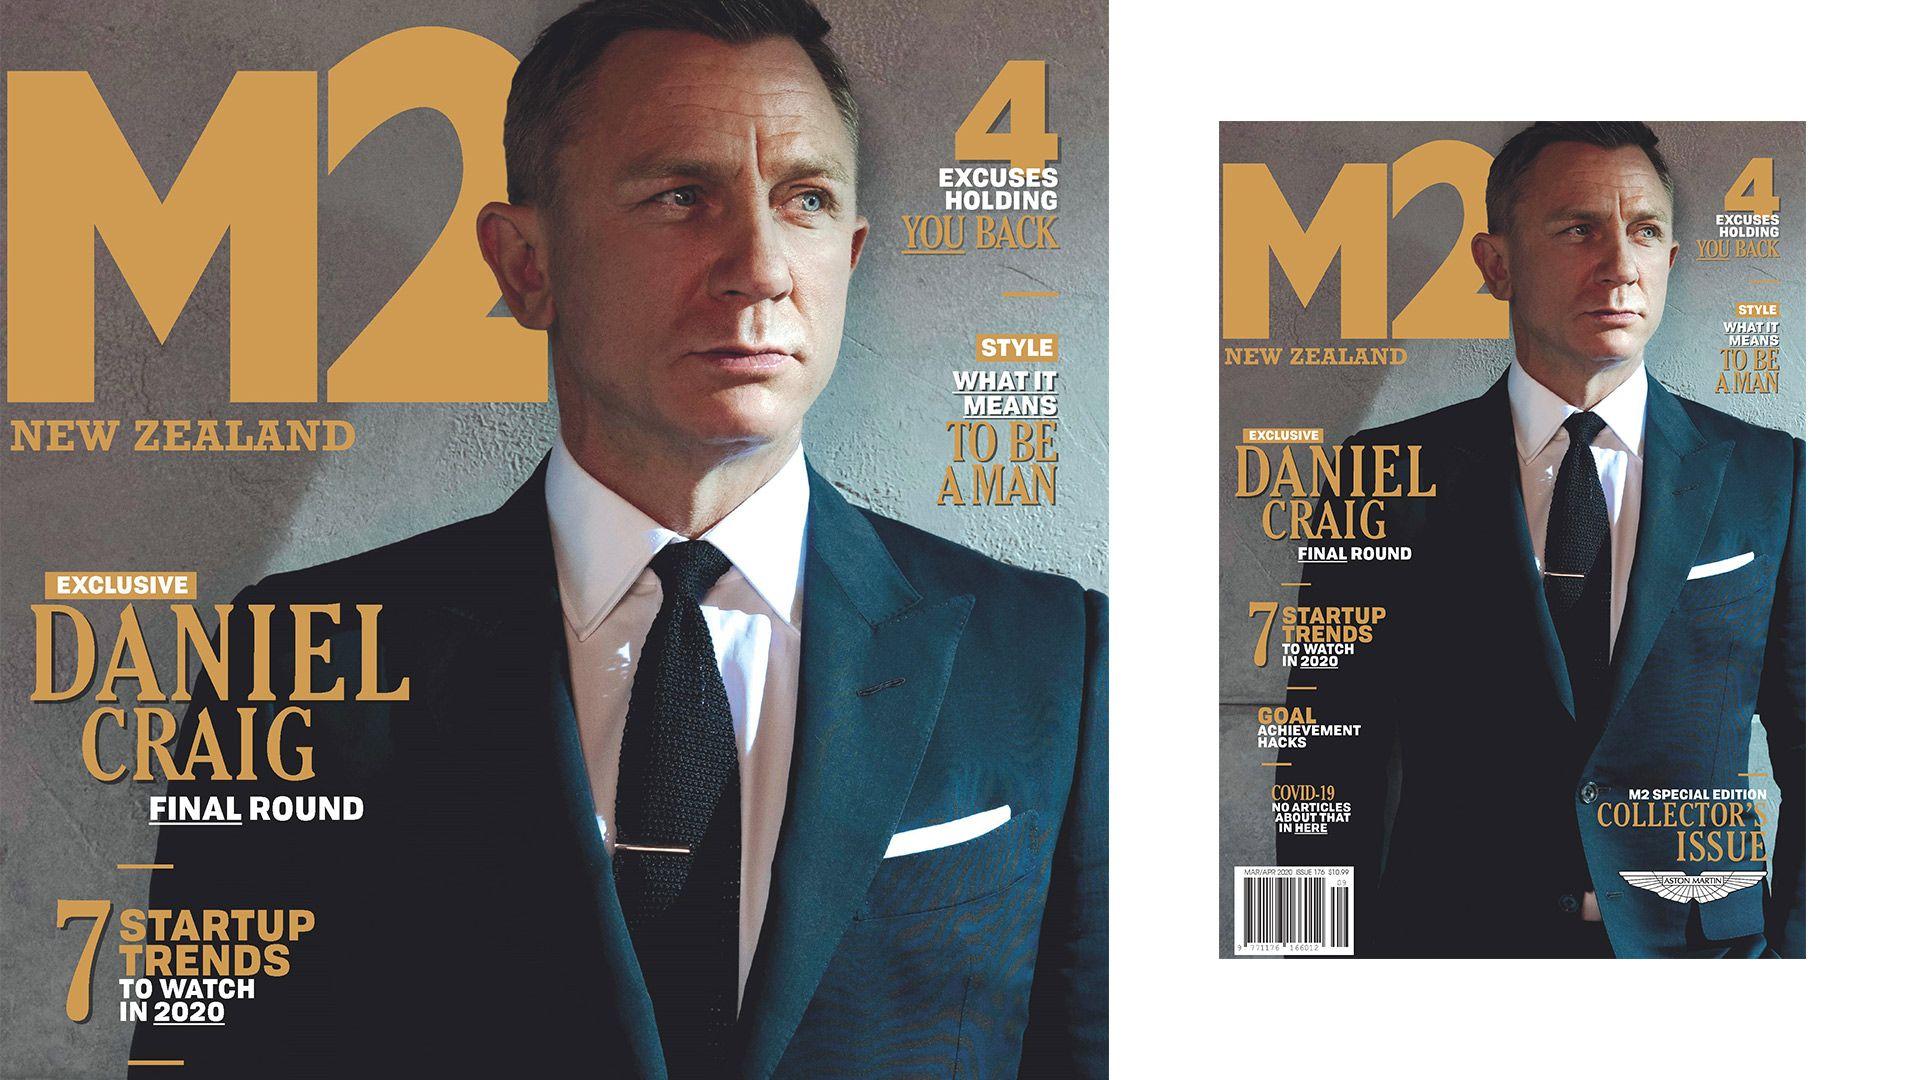 Daniel-Craig-M2-magazine-cover